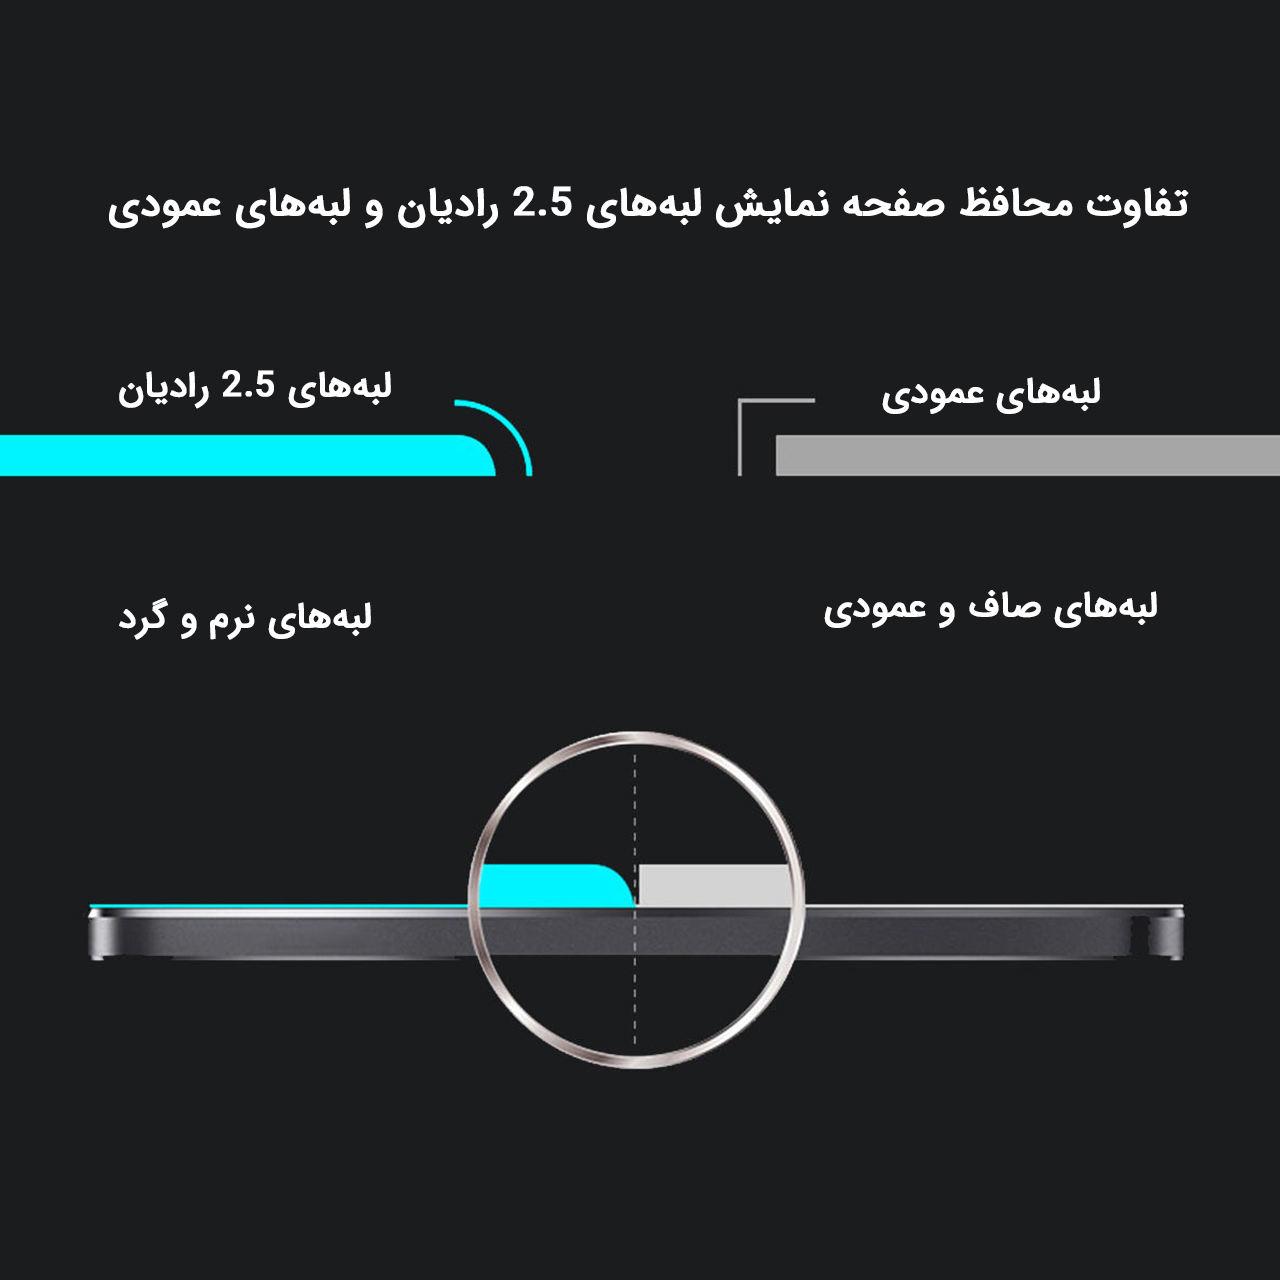 محافظ صفحه نمایش مورفی مدل GL3_2 مناسب برای گوشی موبایل شیائومی Poco F2 بسته 2 عددی